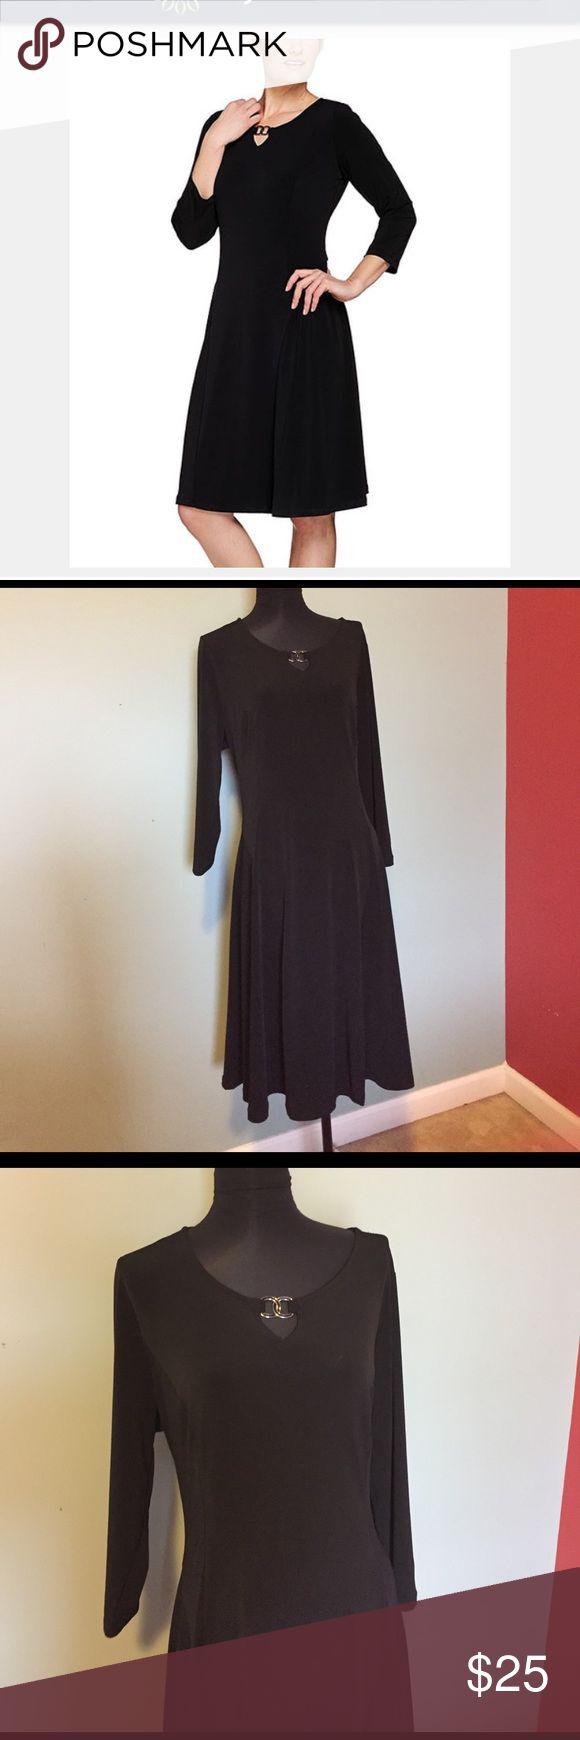 """Susan Graver black dress size L. Susan Graver black dress size L.   41"""" long, 21"""" bust. No iron needed. Polyester and Spandex. Susan Graver Dresses"""